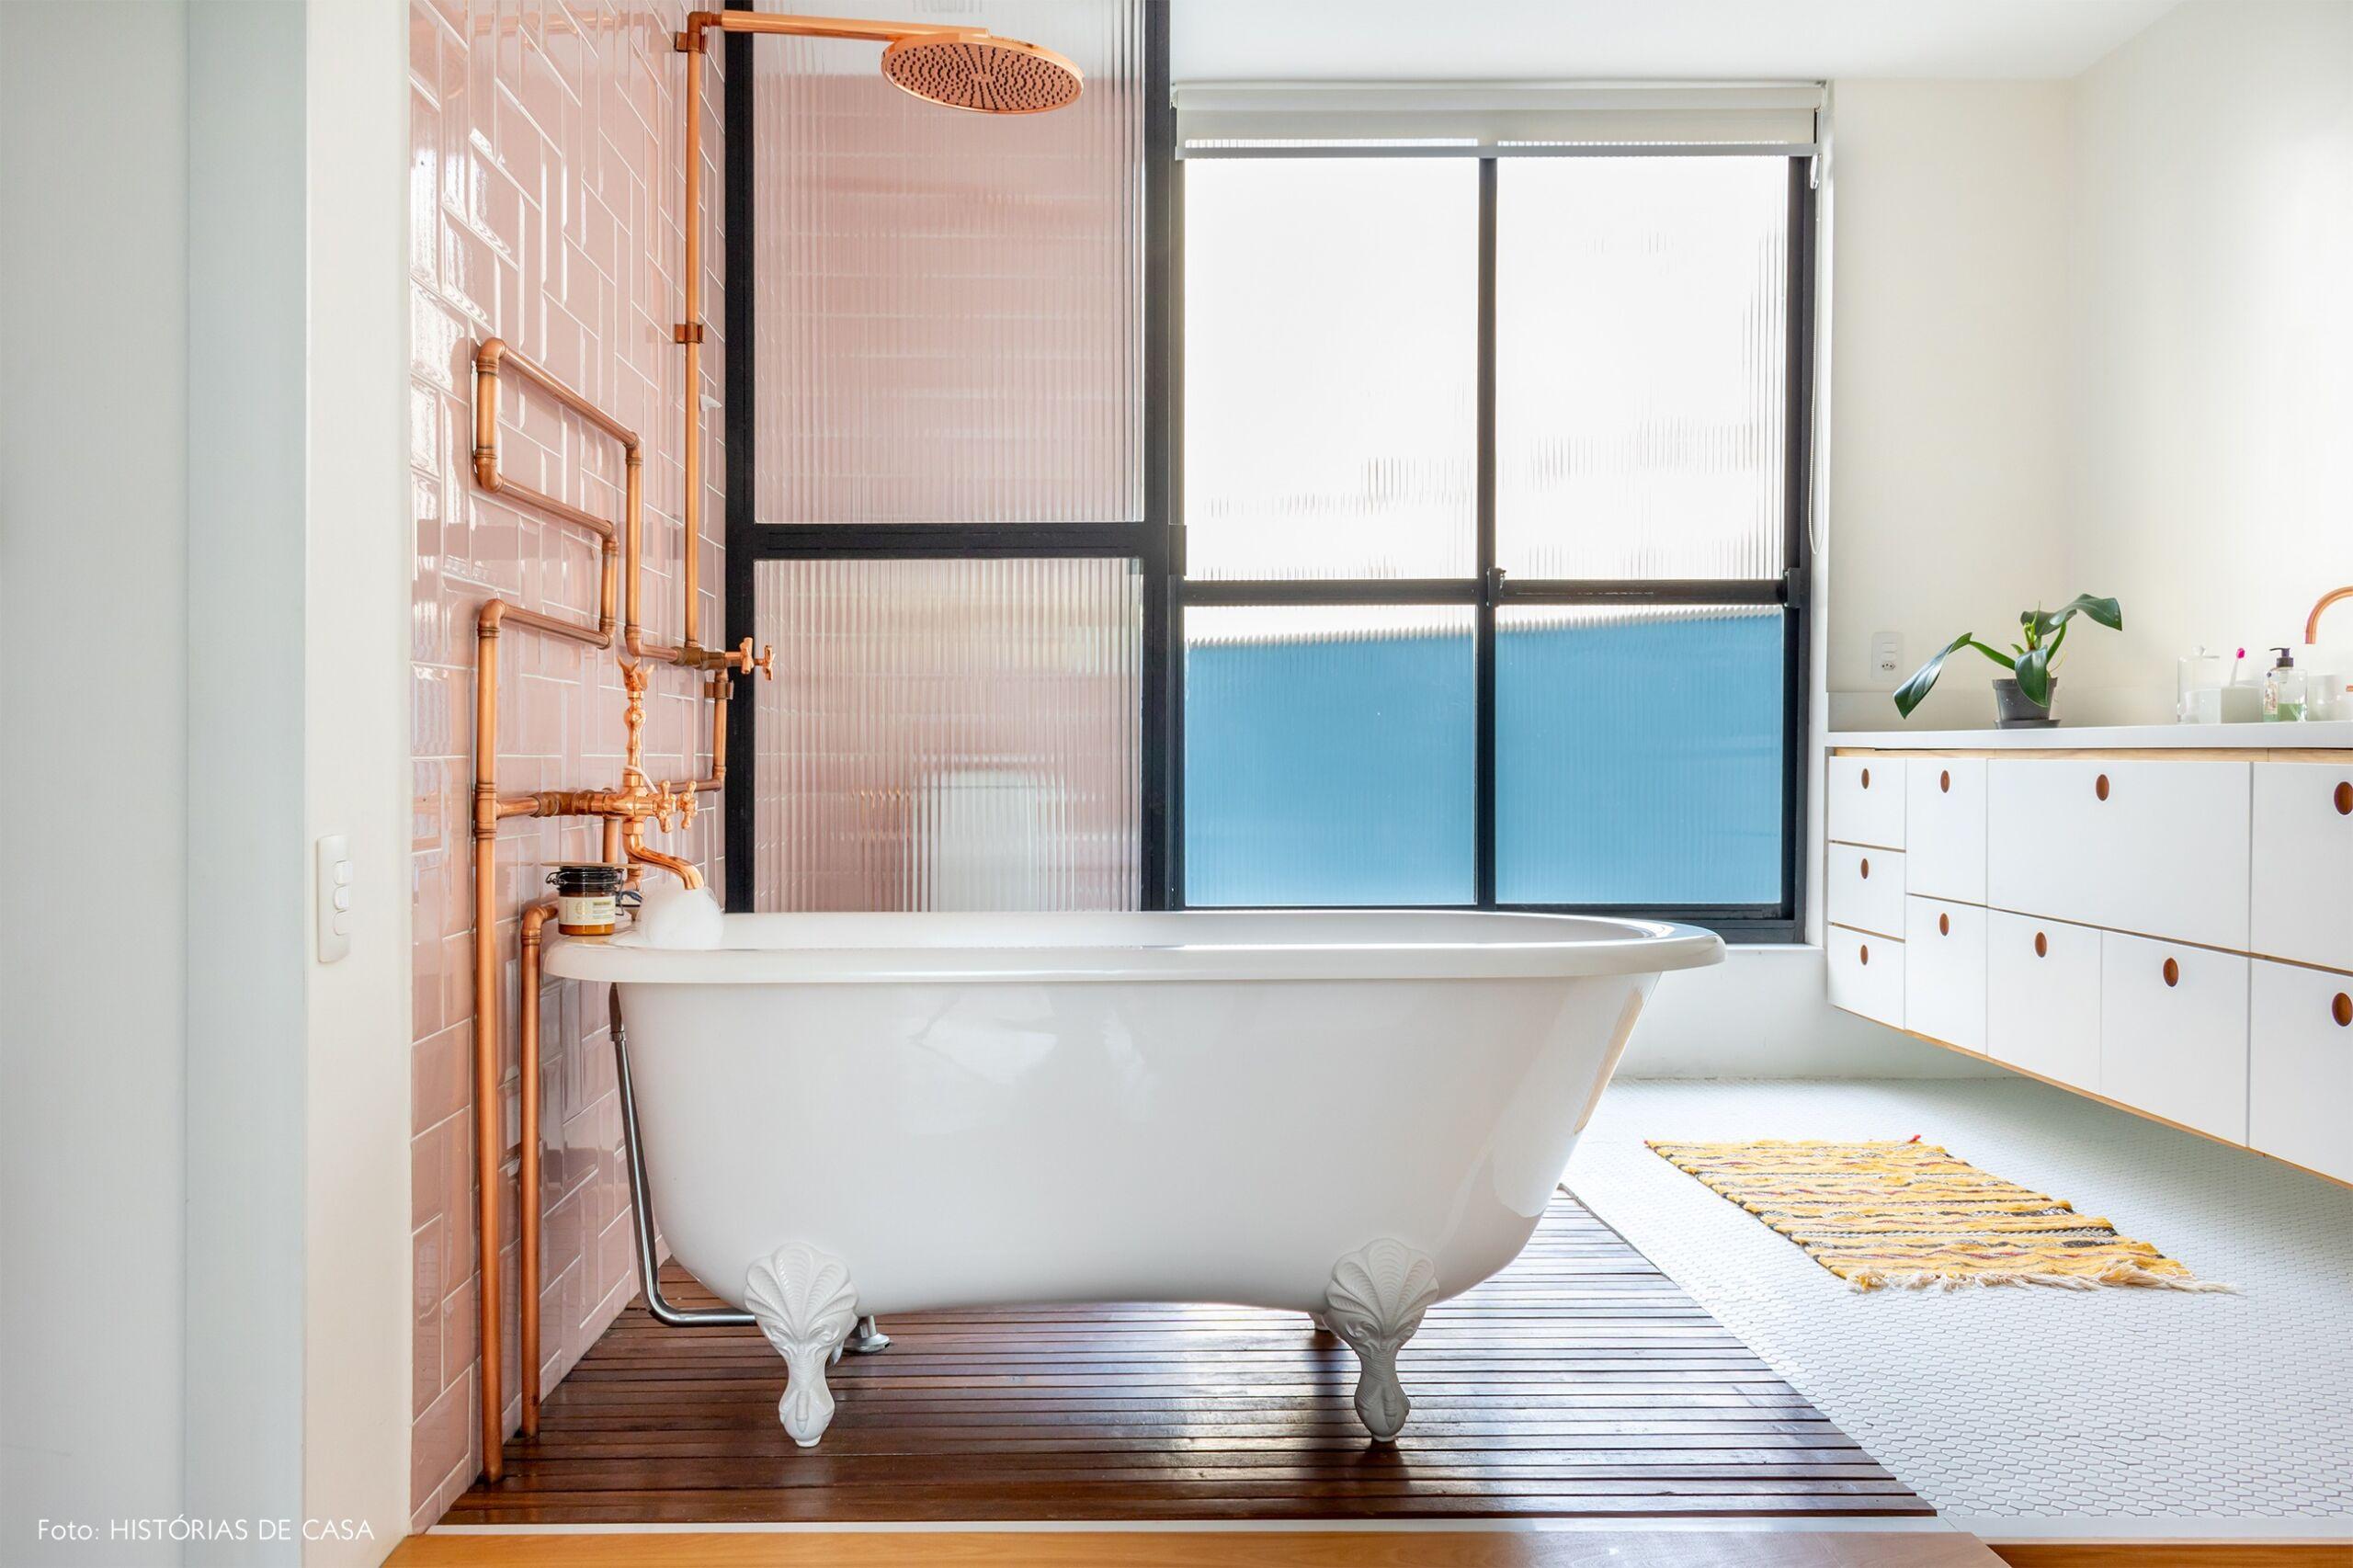 banheiro-parede-rosa-banheira-canos-cobre